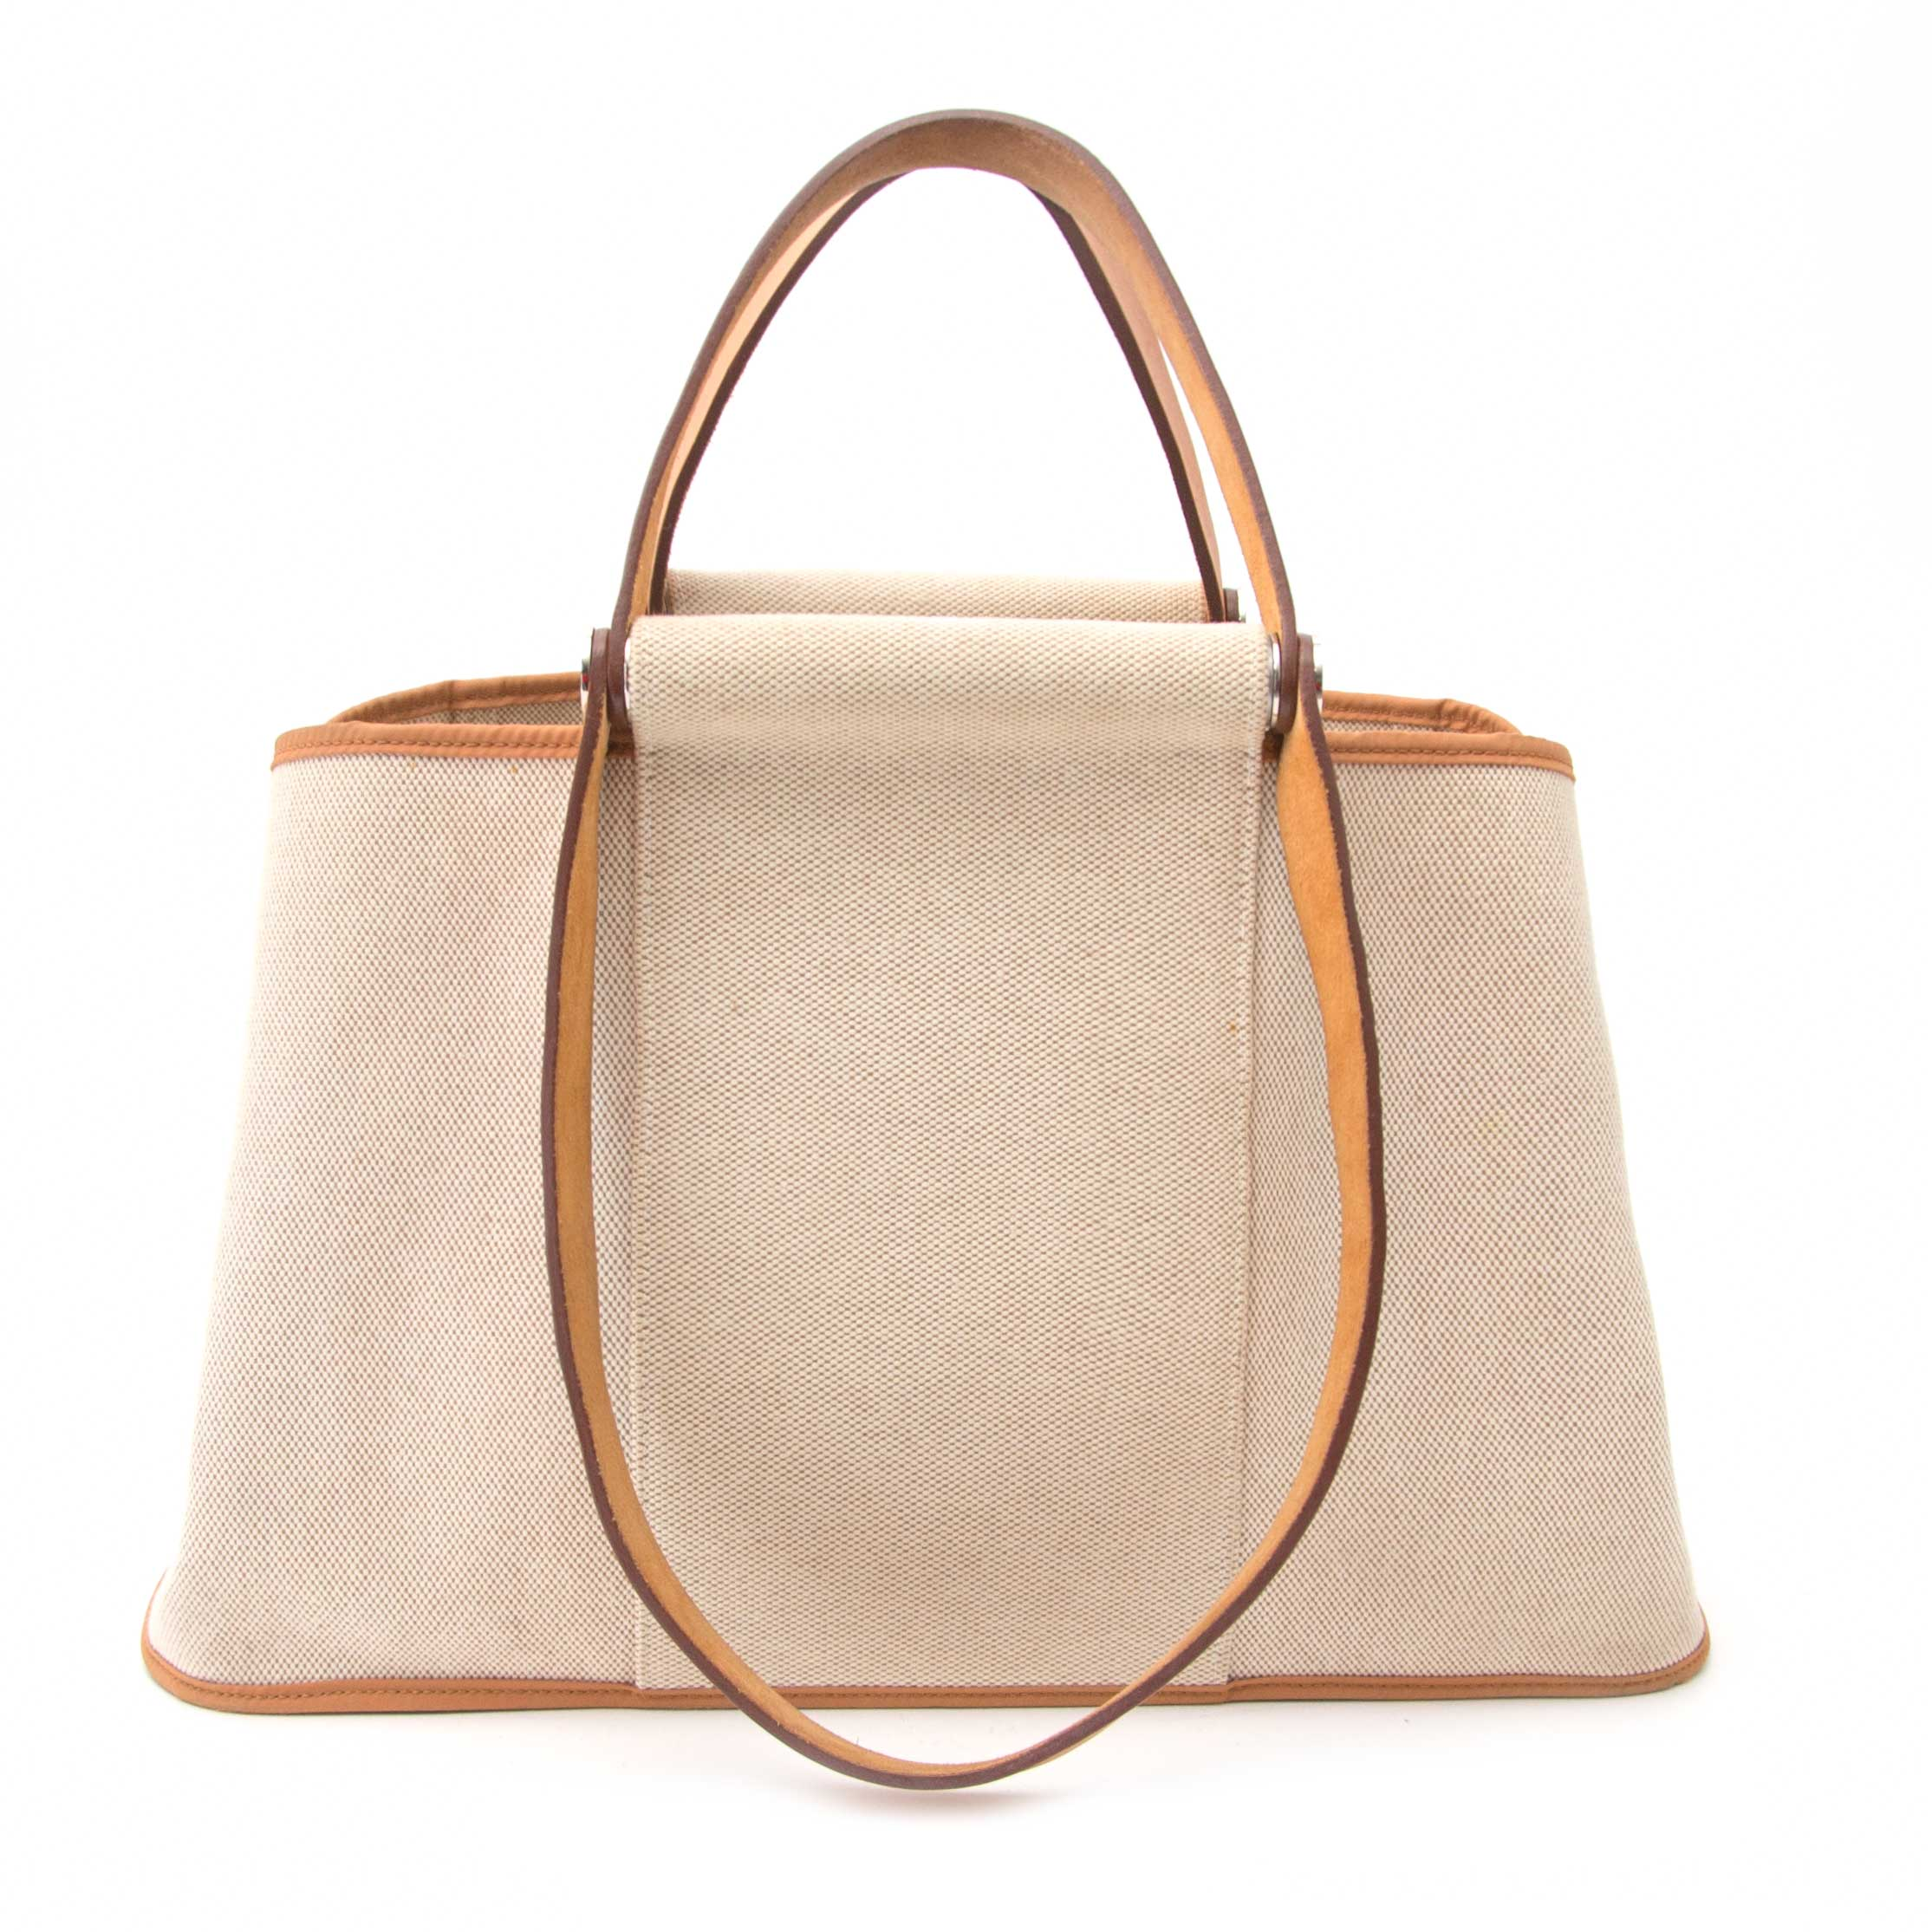 Koop nu een prachtige Hermès tas op labellov.com